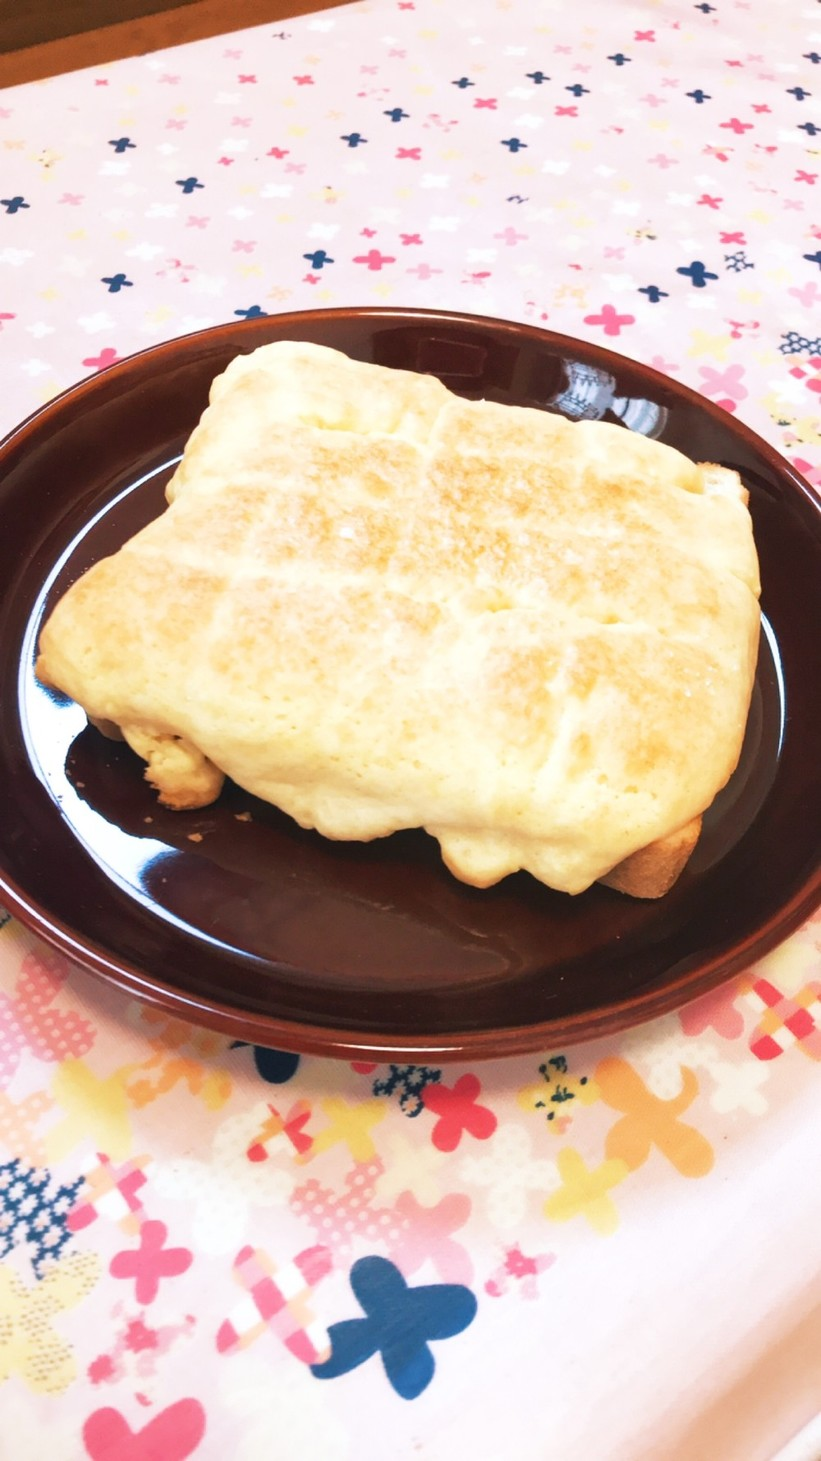 バター無し!HMで簡単メロンパントースト